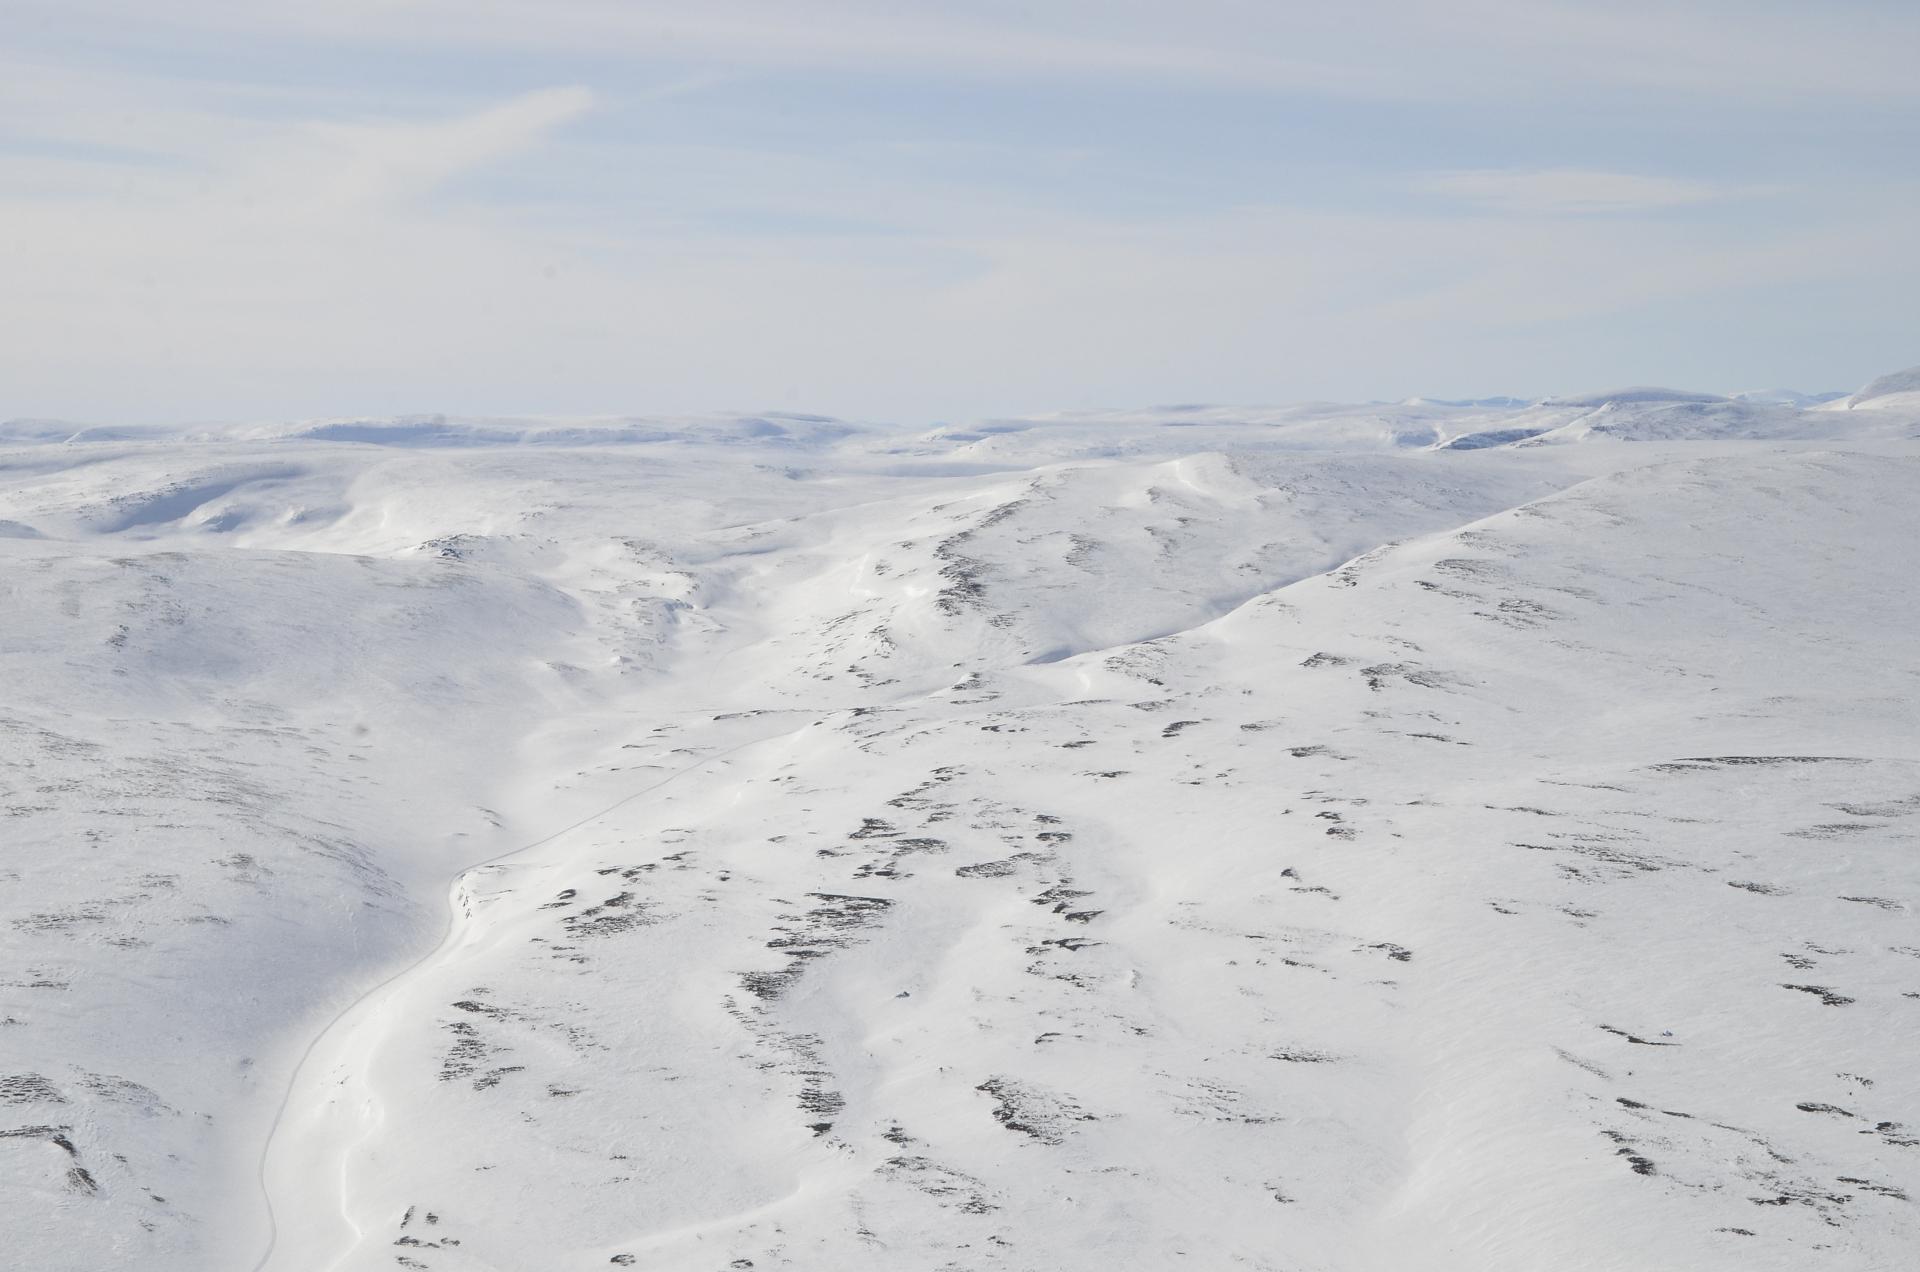 Tokihan piti lähteä käymään myös Somasjärvellä, joka on puoliksi Norjan puolella. Kelkailijat menivät tuota kanjonin pohjaa pitkin.